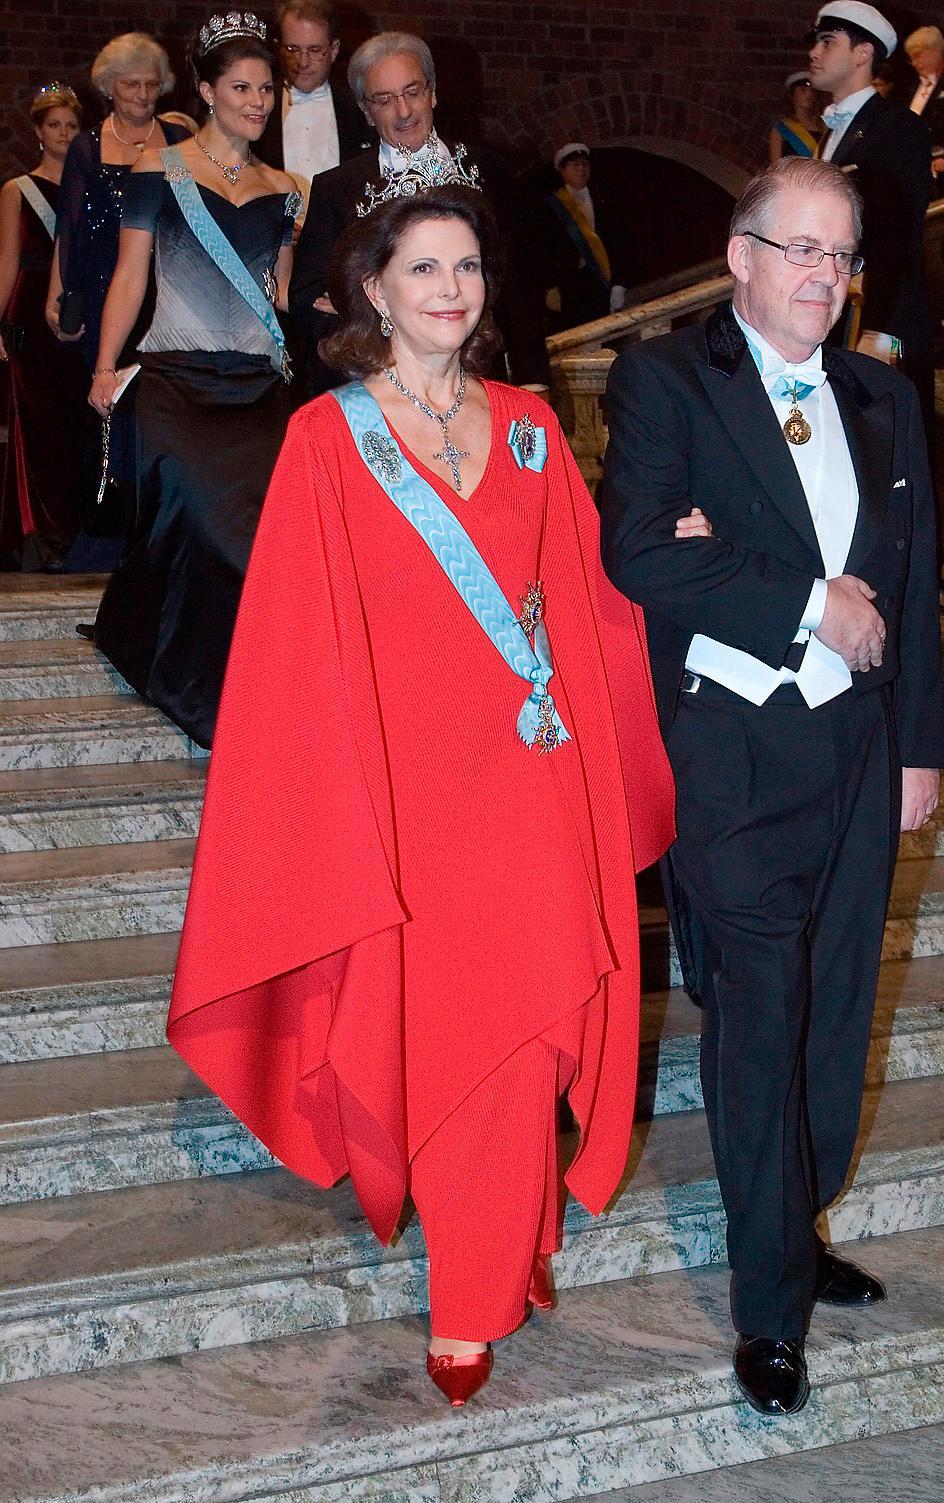 2007.Japan igen. Återigen en Yuki-klänning, denna gång i helplisserad röd sidenchiffong. Drottning Sofias diadem och ett briljanthalsband med kors.